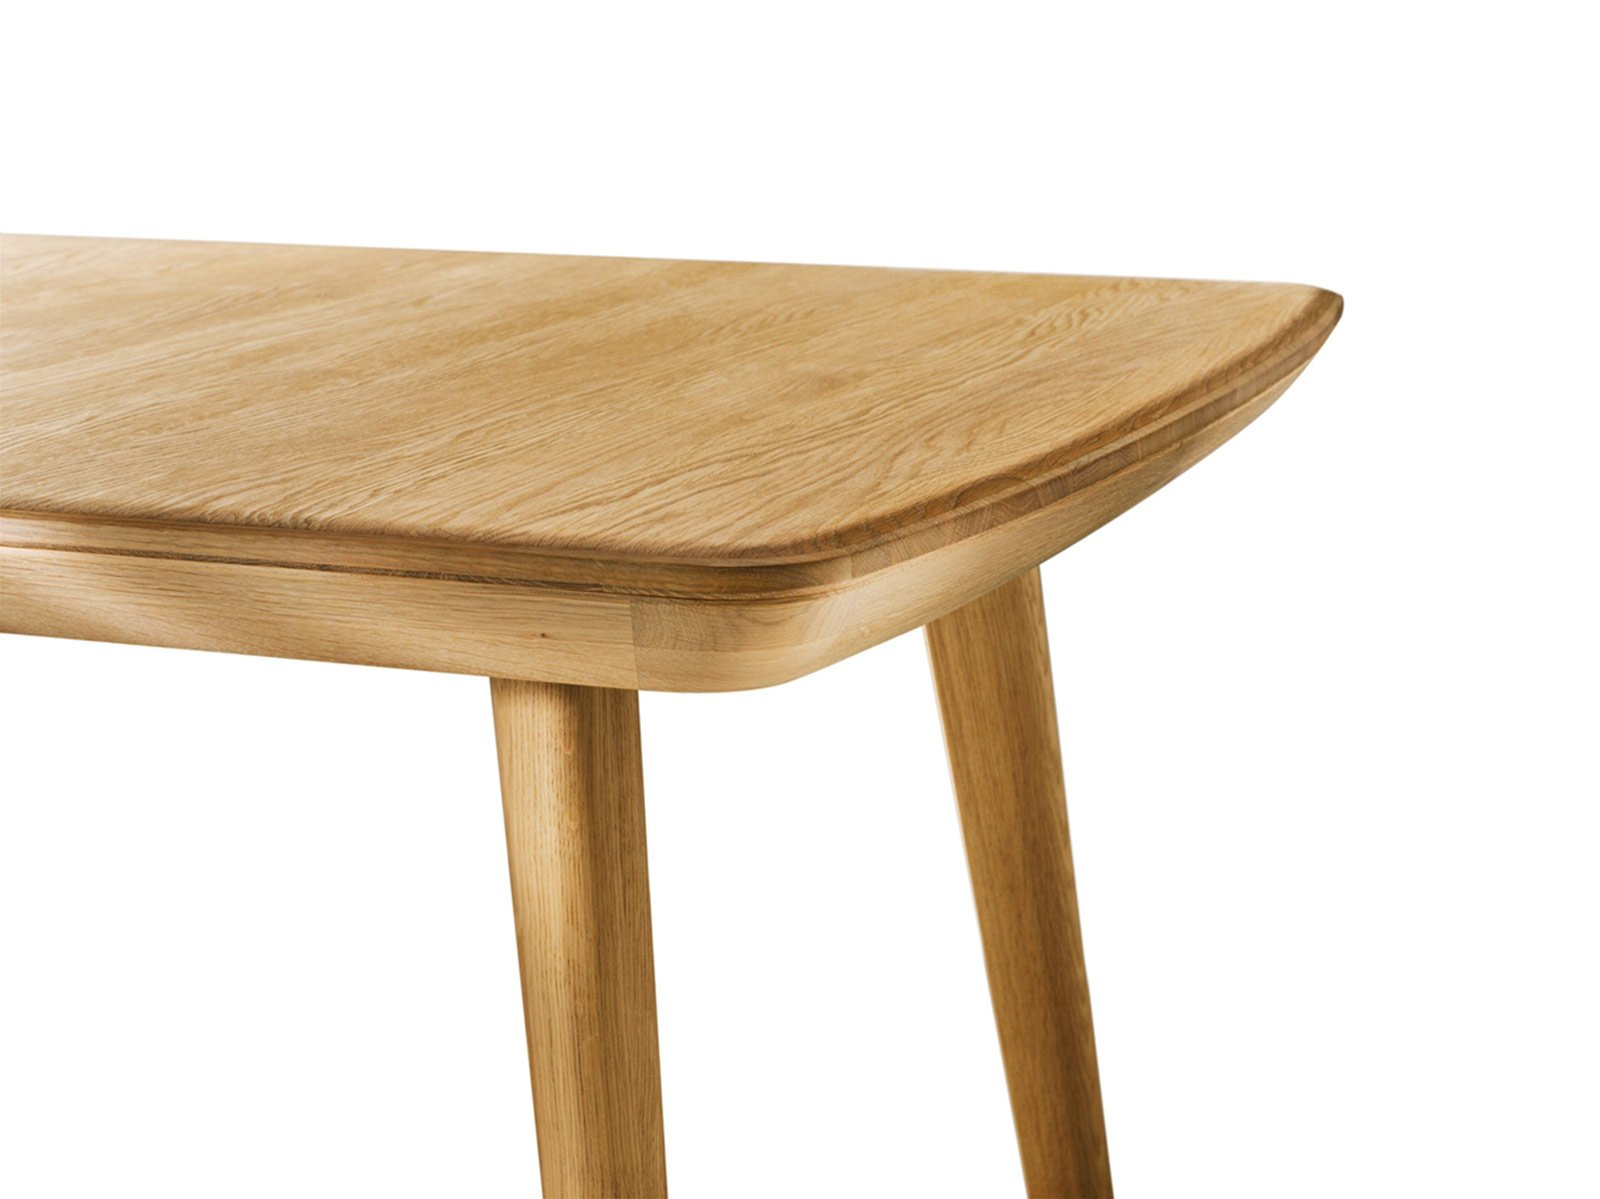 Tavolo in legno vintage moderno tradizionale cose di casa - Legno adatto per tavolo ...